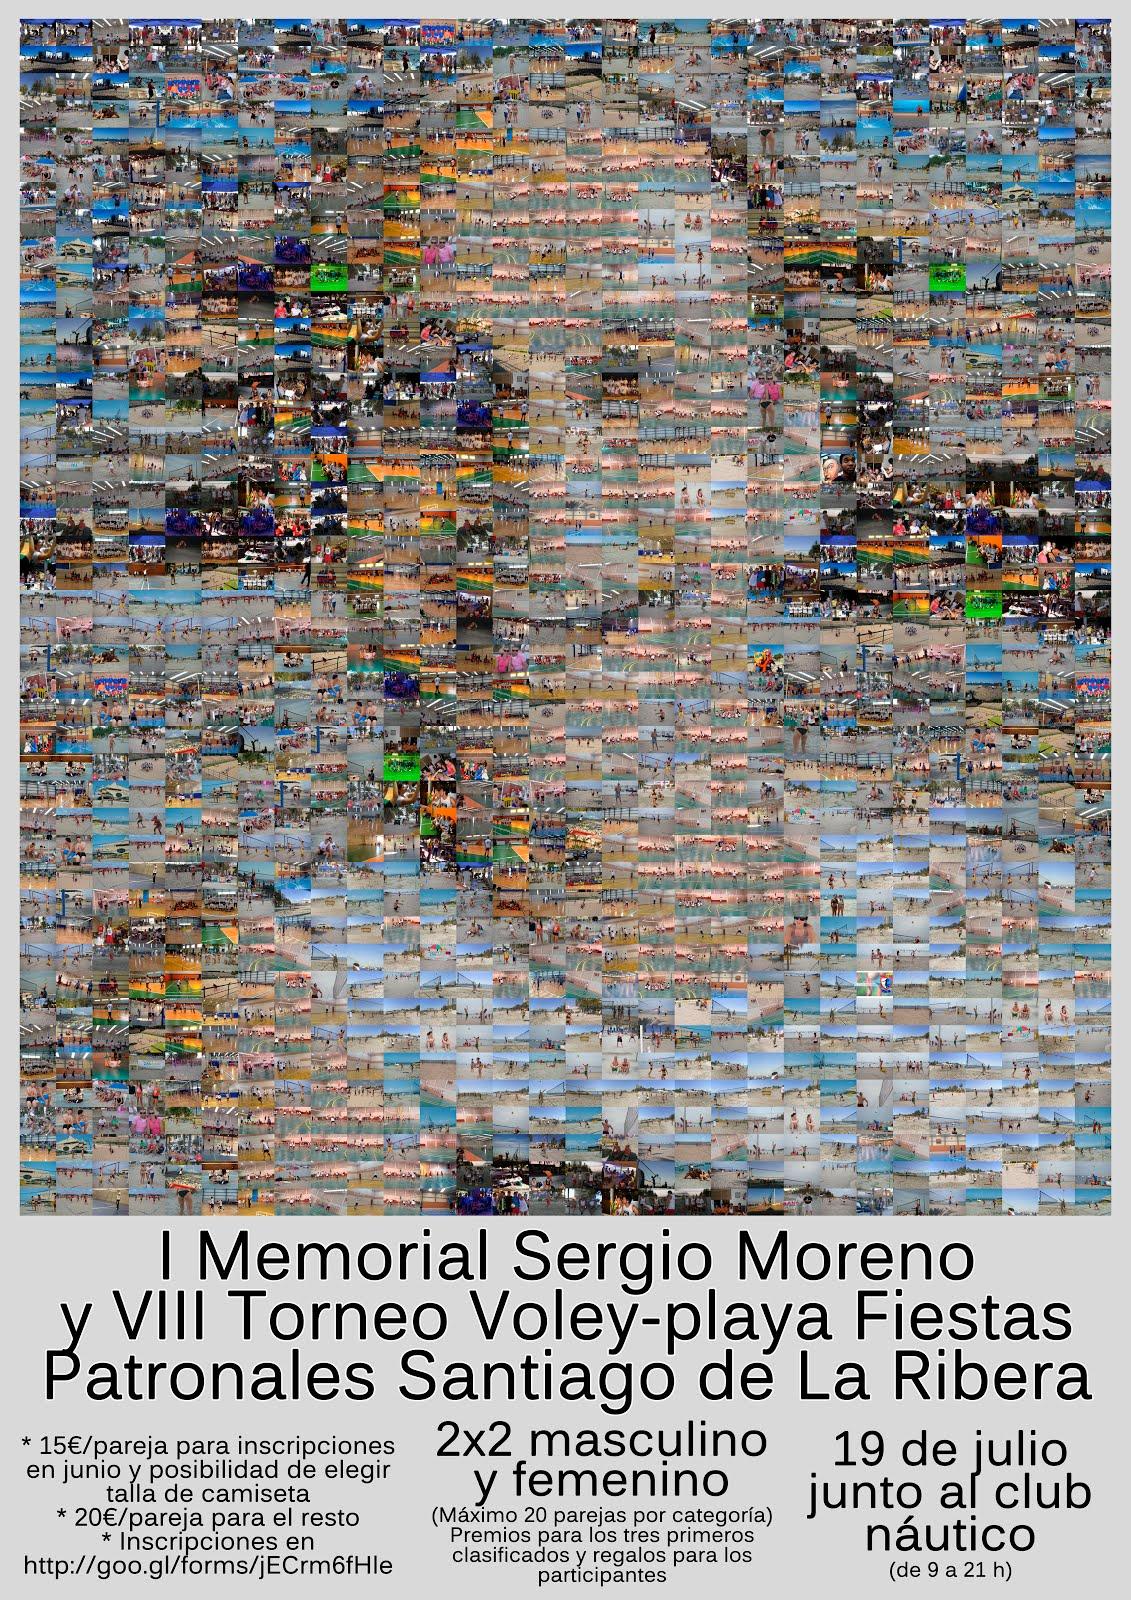 I Memorial Voley Playa Sergio Moreno